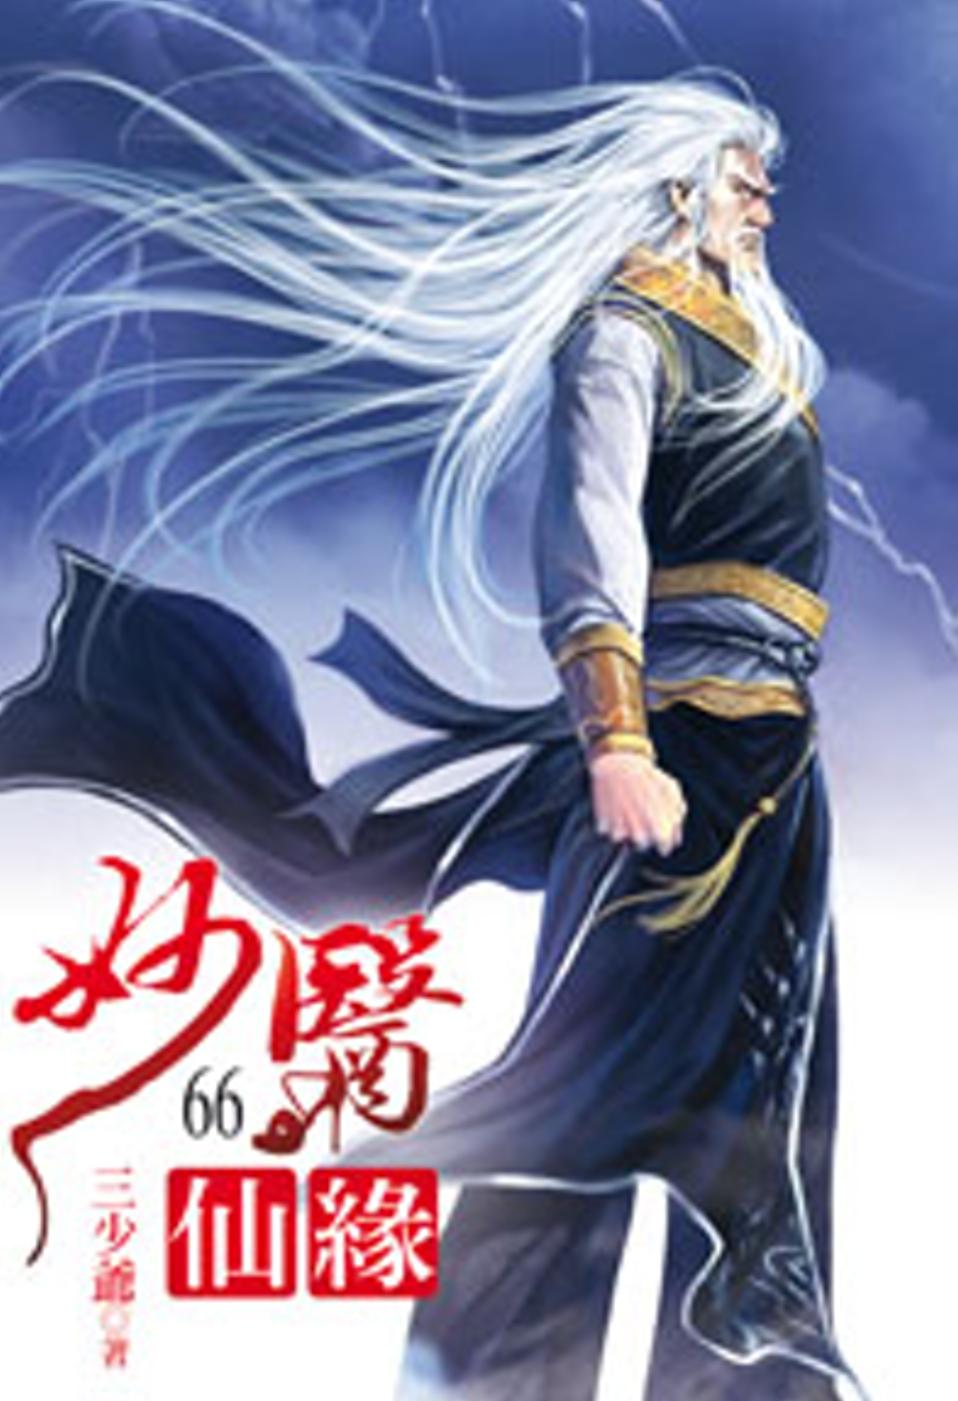 妙醫仙緣66